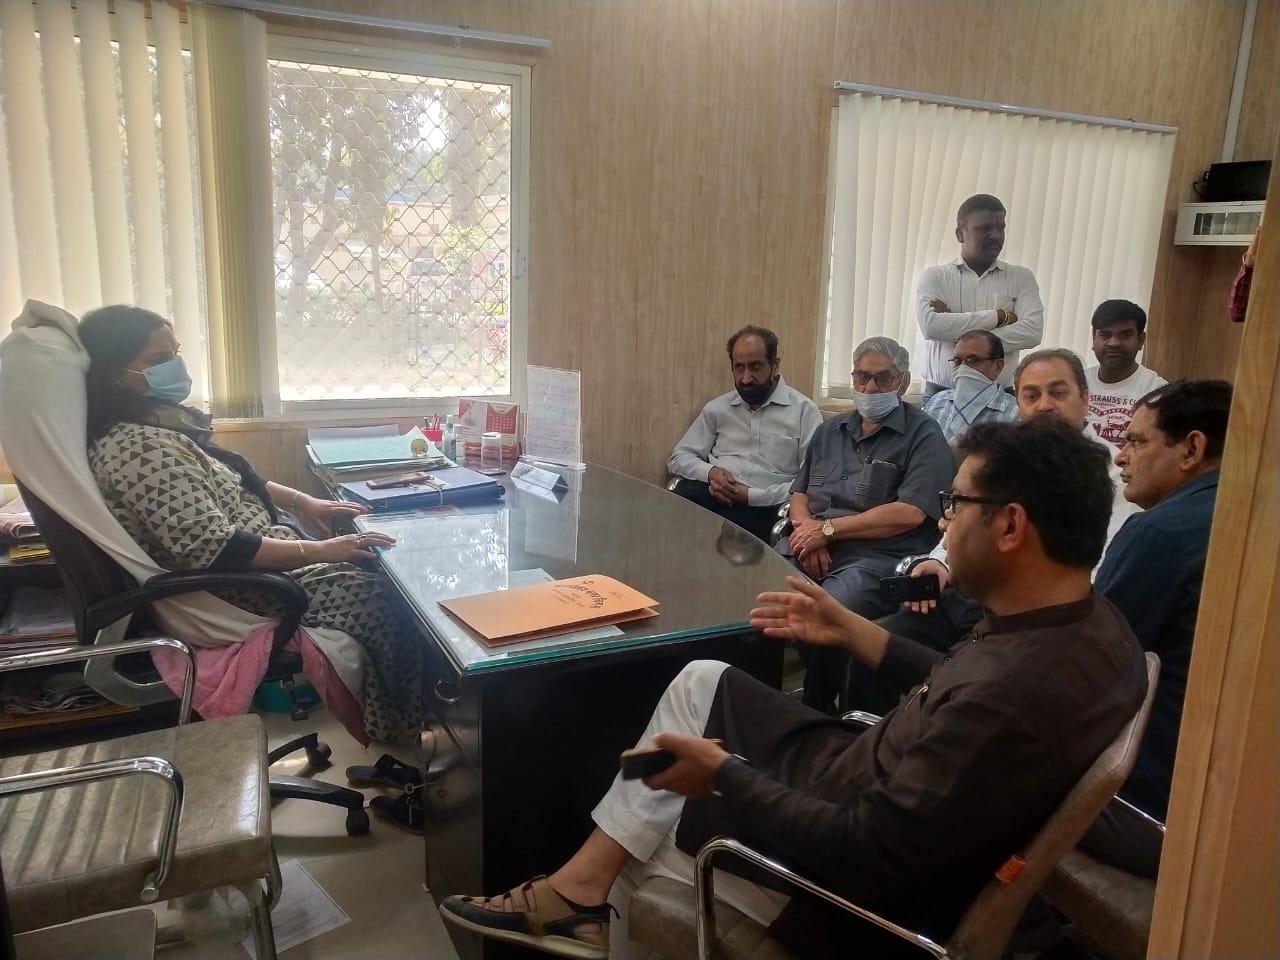 धार्मिक संस्थाओं के विरुद्ध कार्यवाही पर बिगड़े शिव अरोरा